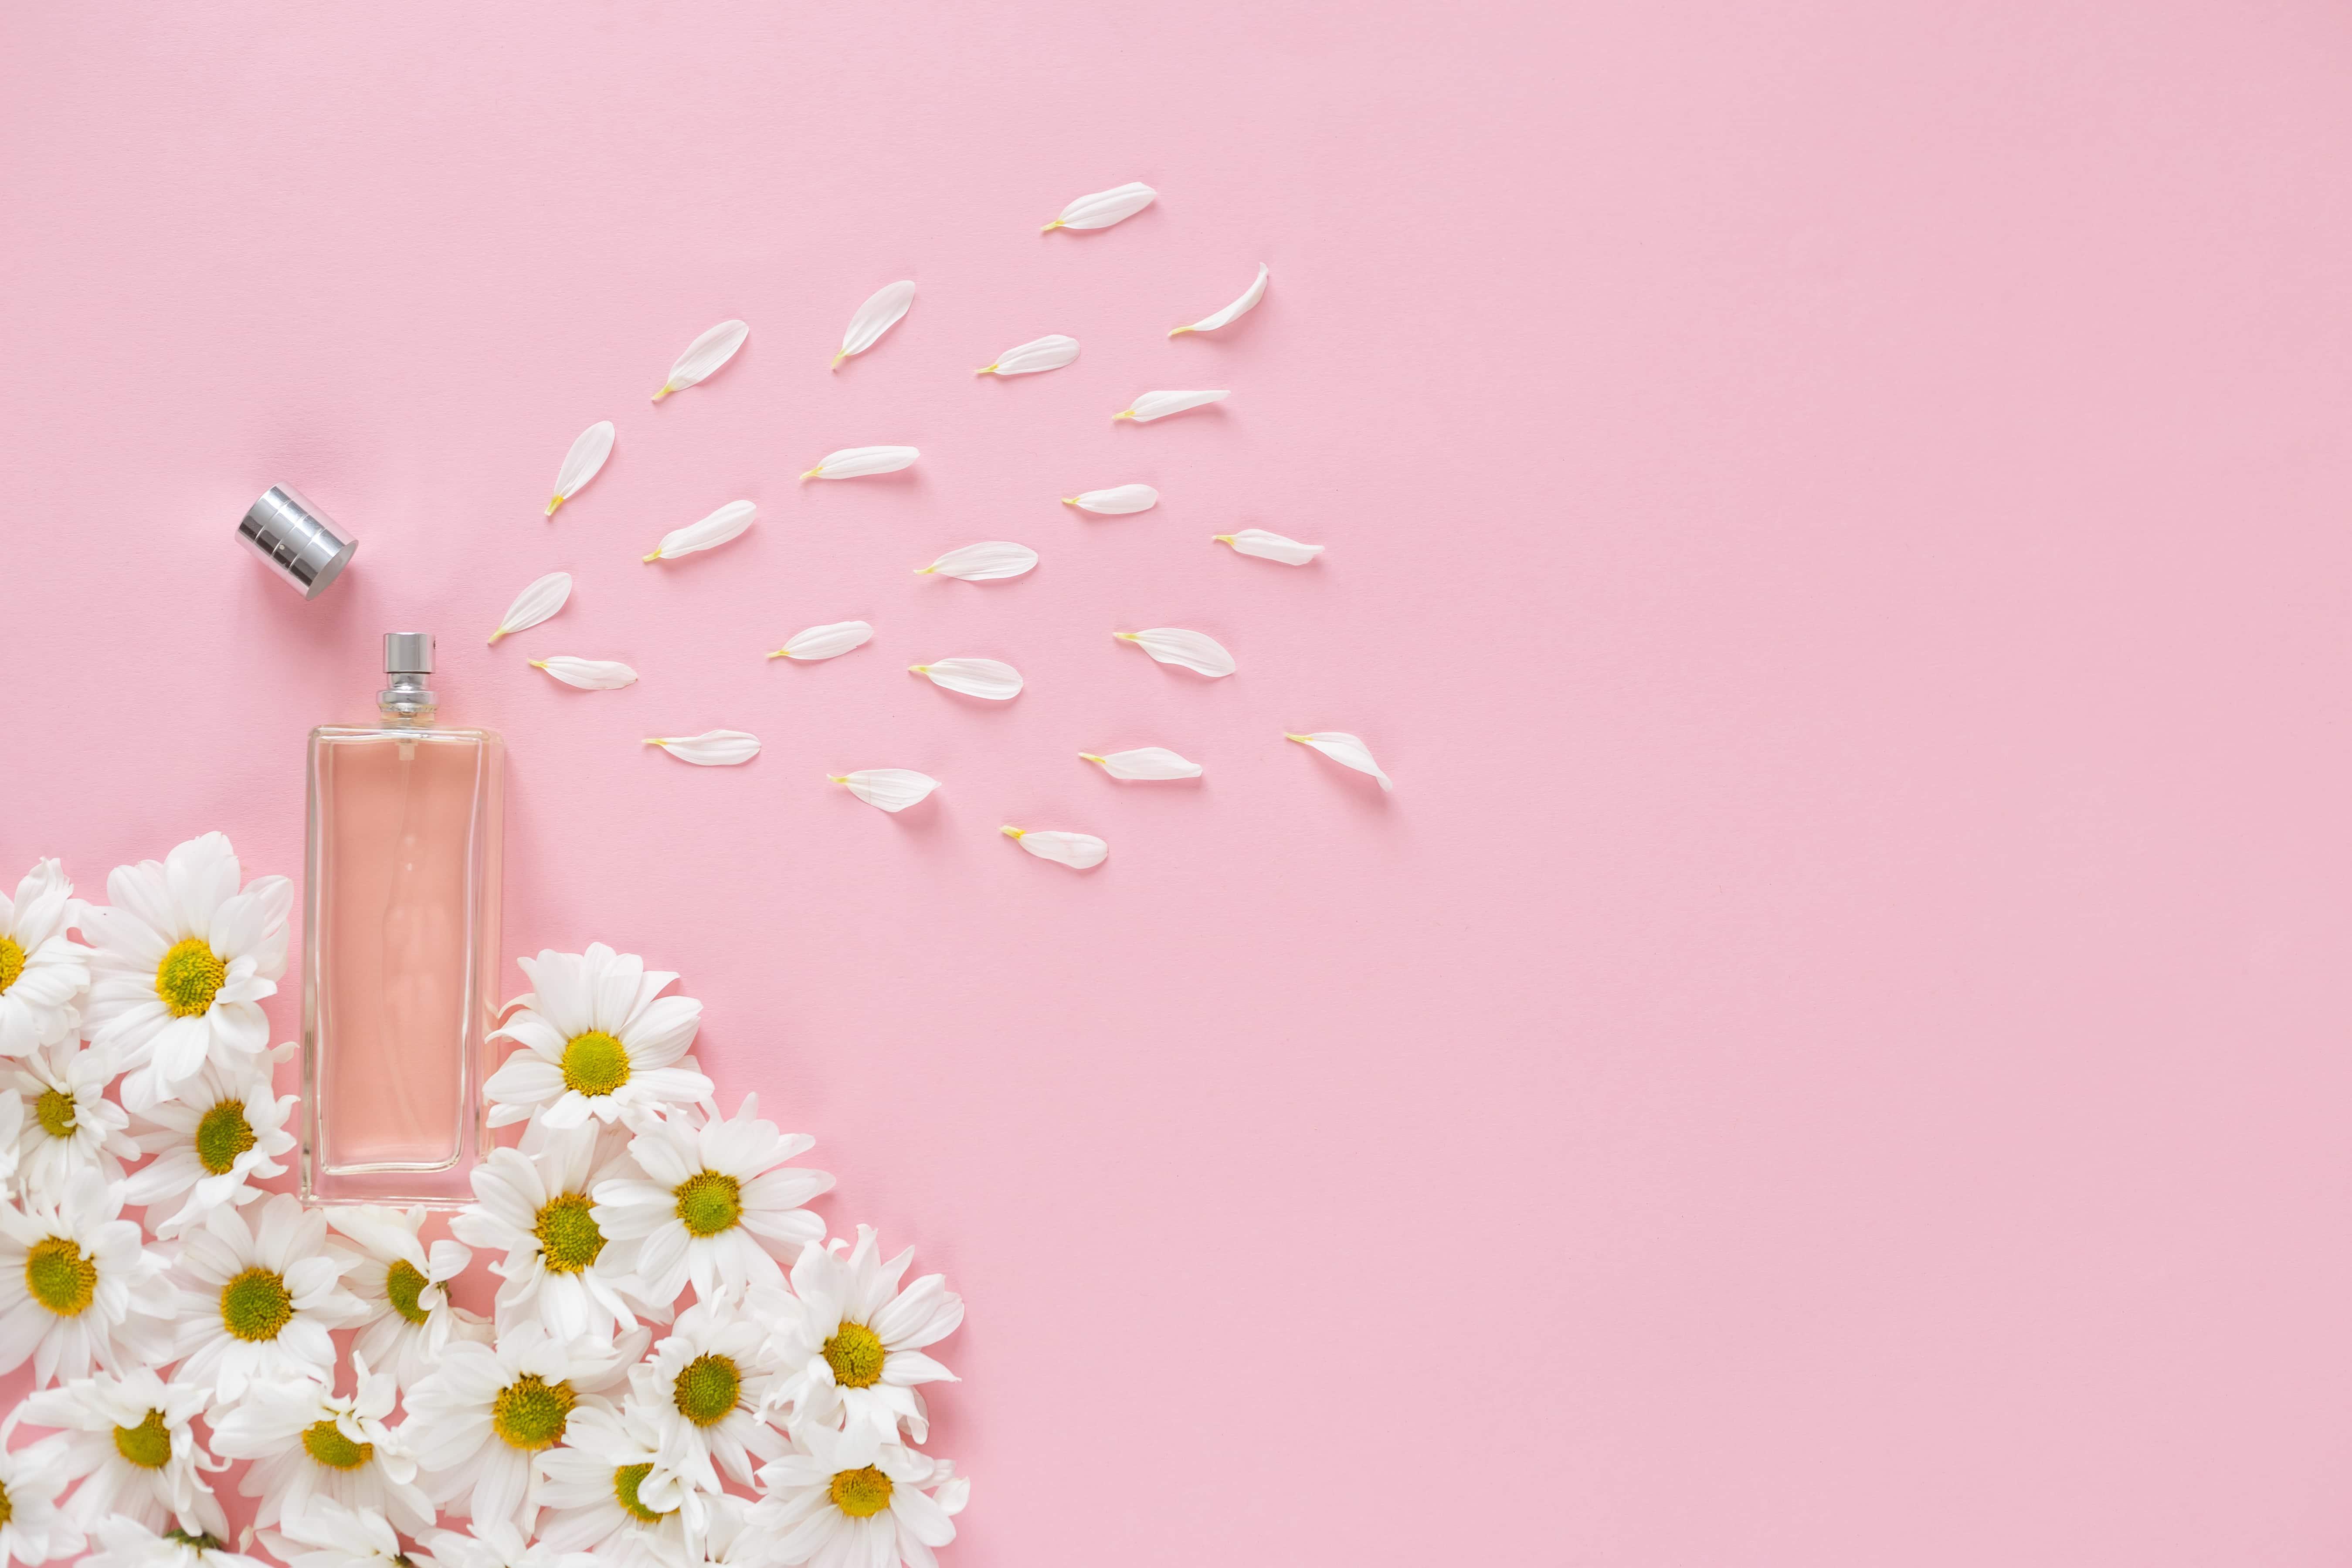 Духи на розовом фоне